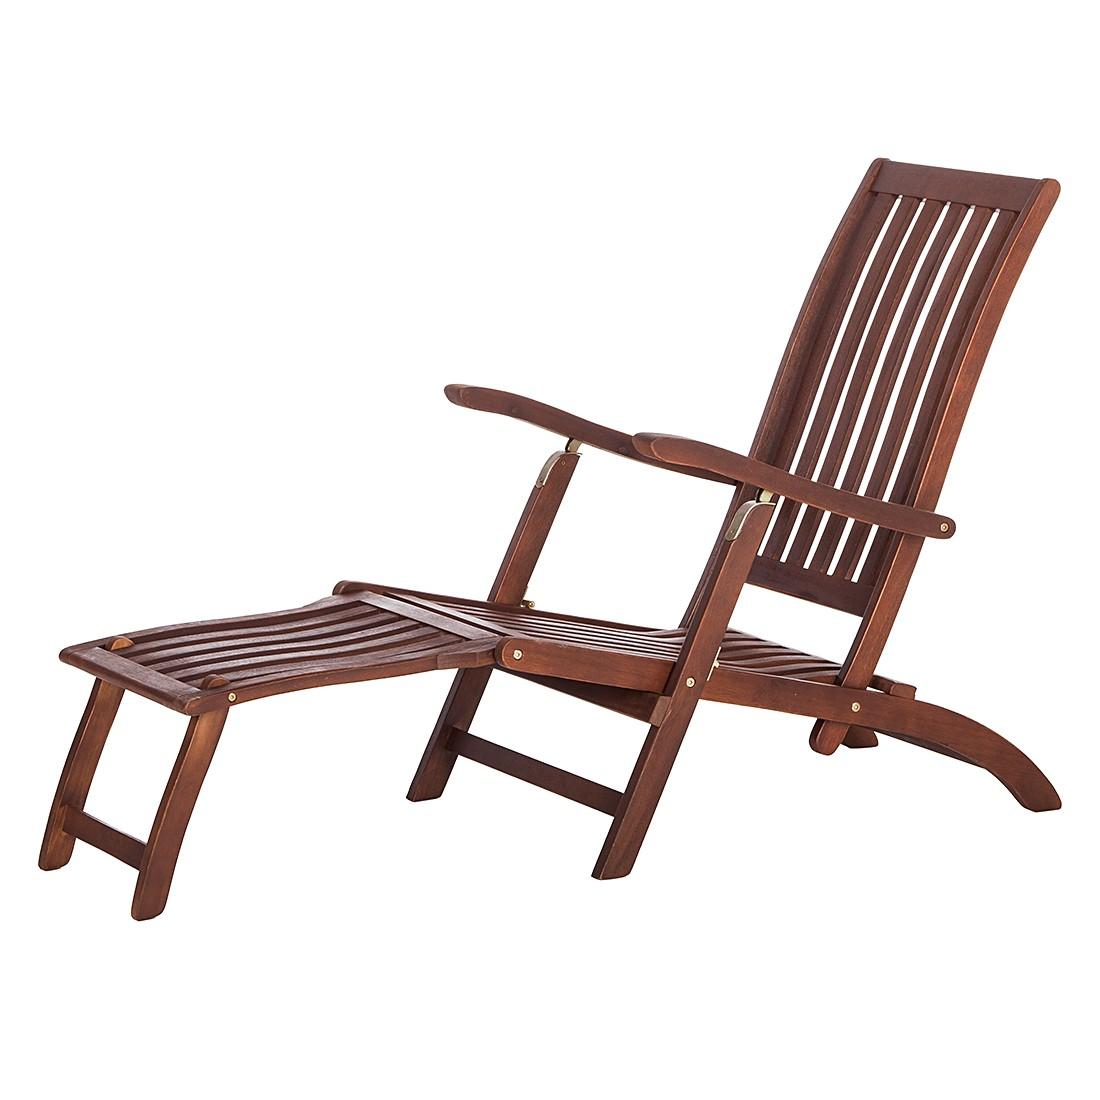 Mobilier de jardin chaise longue home24 tritoo for E home24